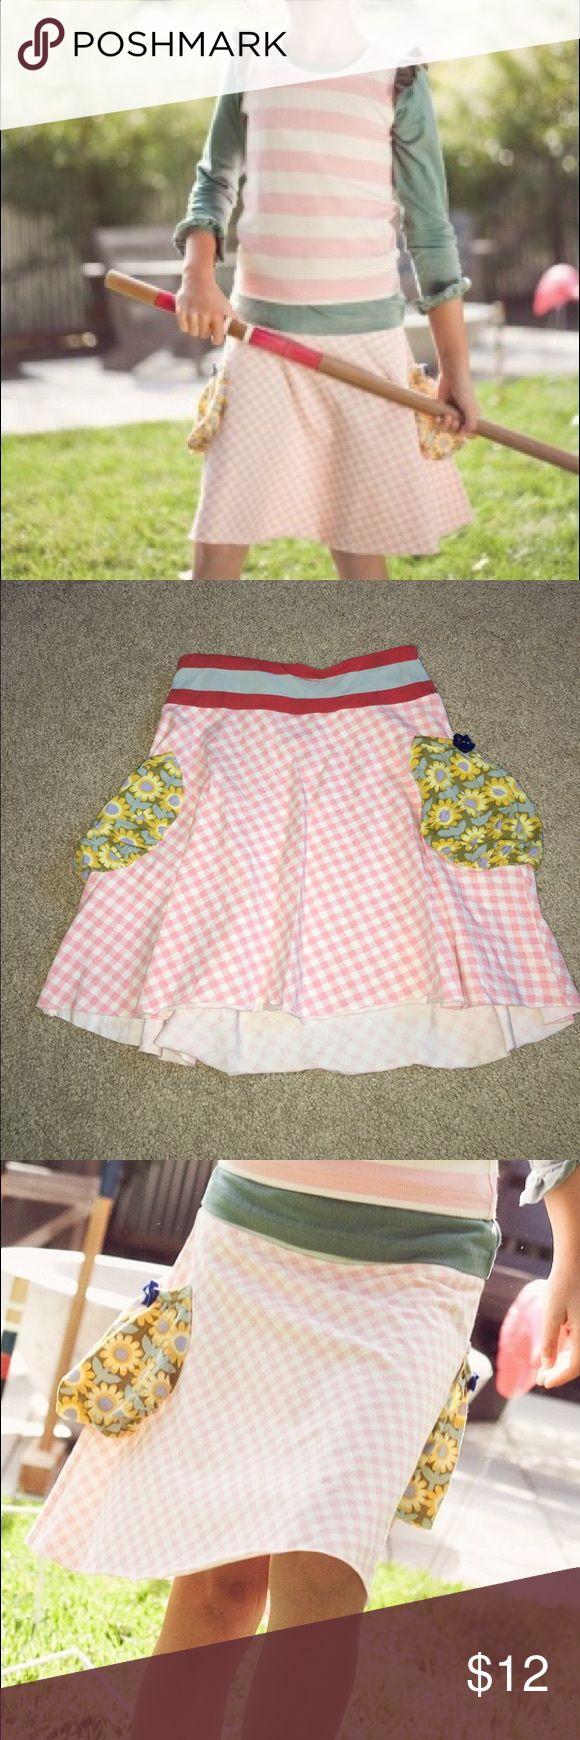 Mj pepper Ann skirt Matilda Jane pepper Ann skirt from serendipity collection. Never worn. Pockets with flower detail. Super cute. Matilda jane Bottoms Skirts